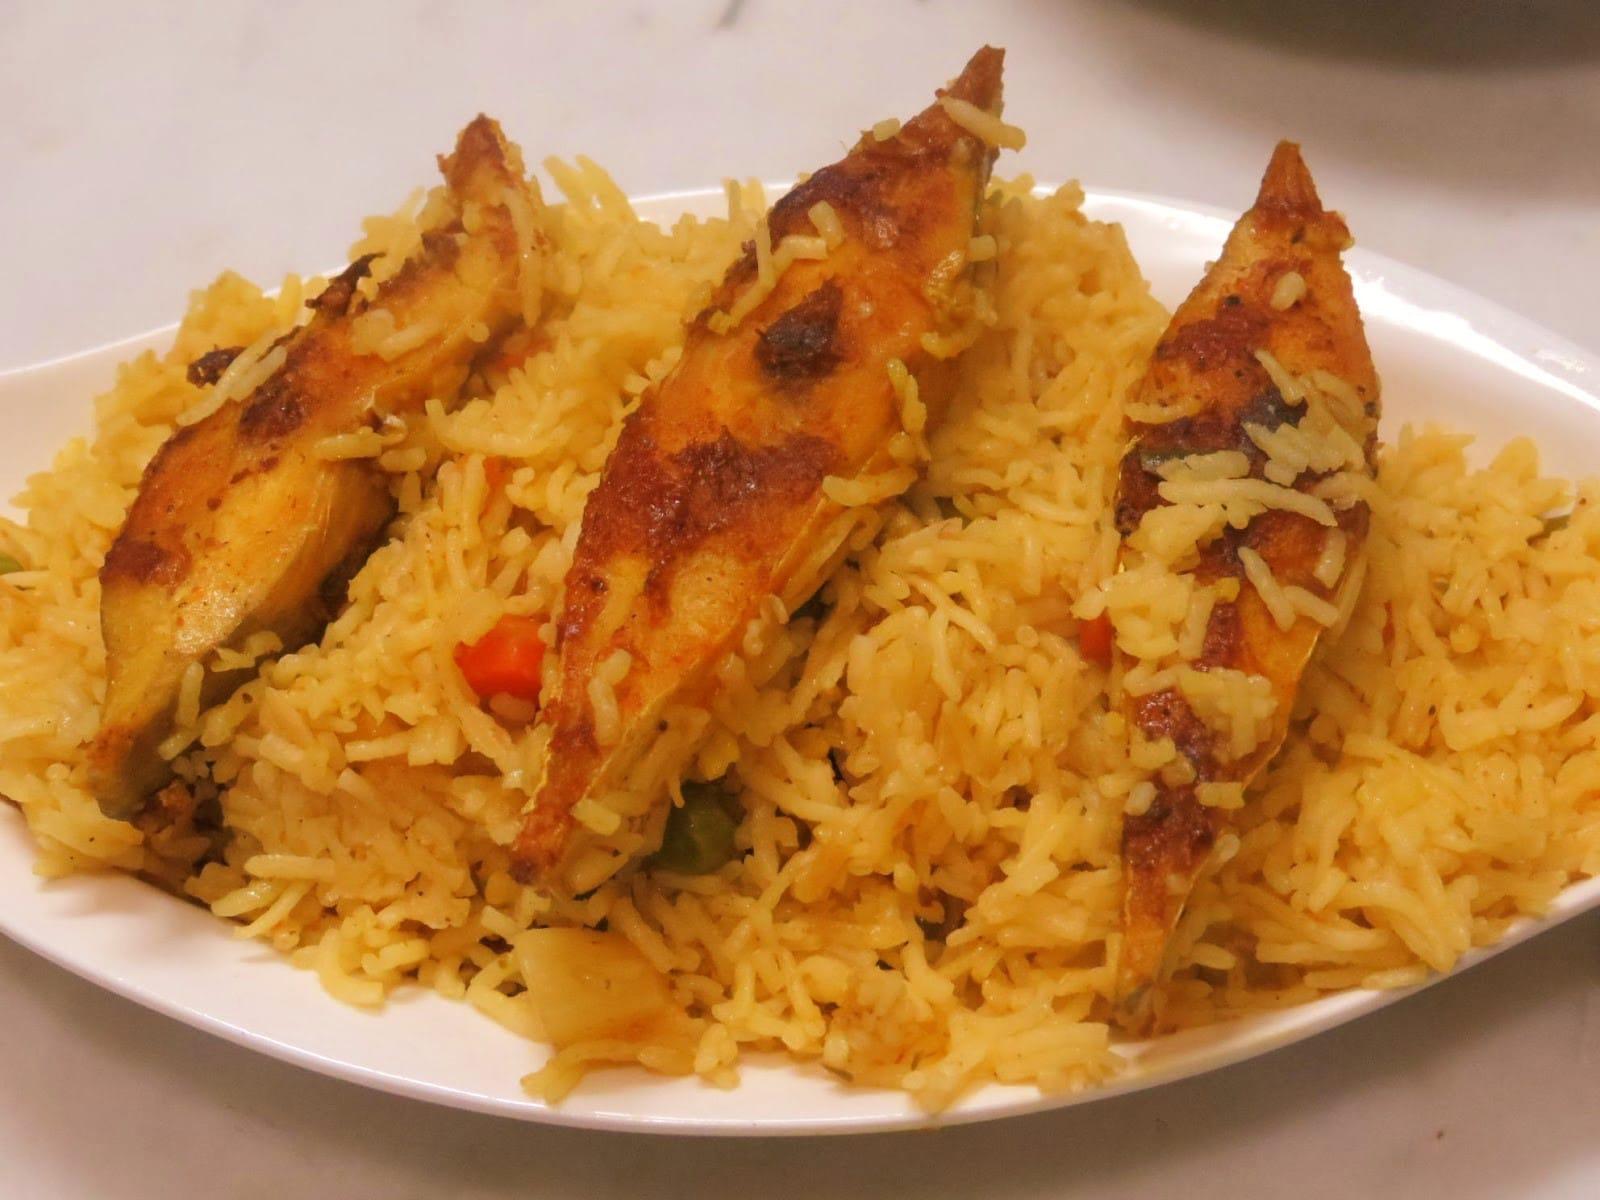 बंगाल में है 'फिश' सबका फेवरेट, और जब 'पुलाव' के साथ बनाएंगे 'फिश' तो बात होगी कुछ और